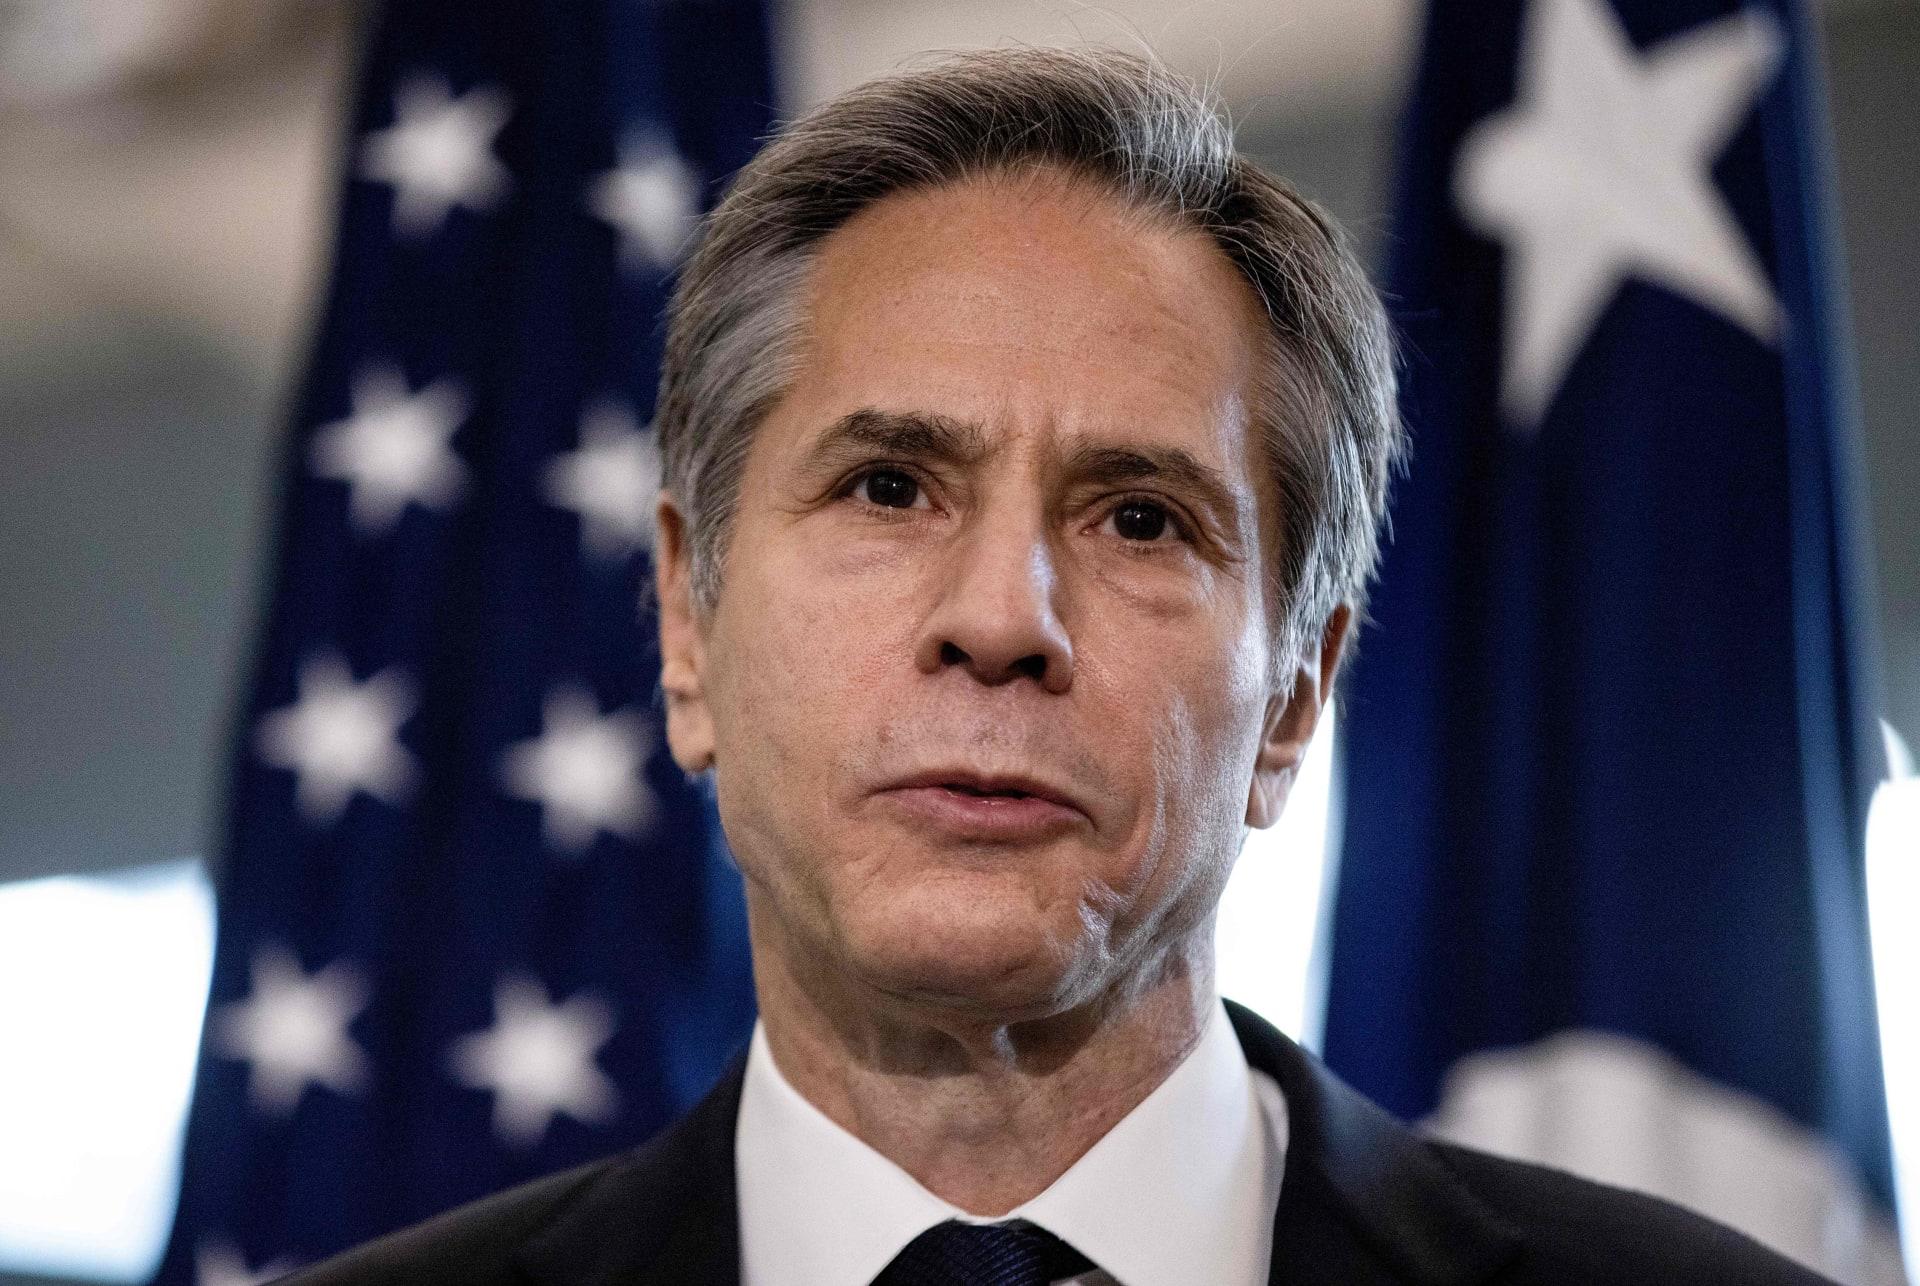 وزير الخارجية الأمريكي: نثني على حل السودان مشكلة مظالم ضحايا الإرهاب